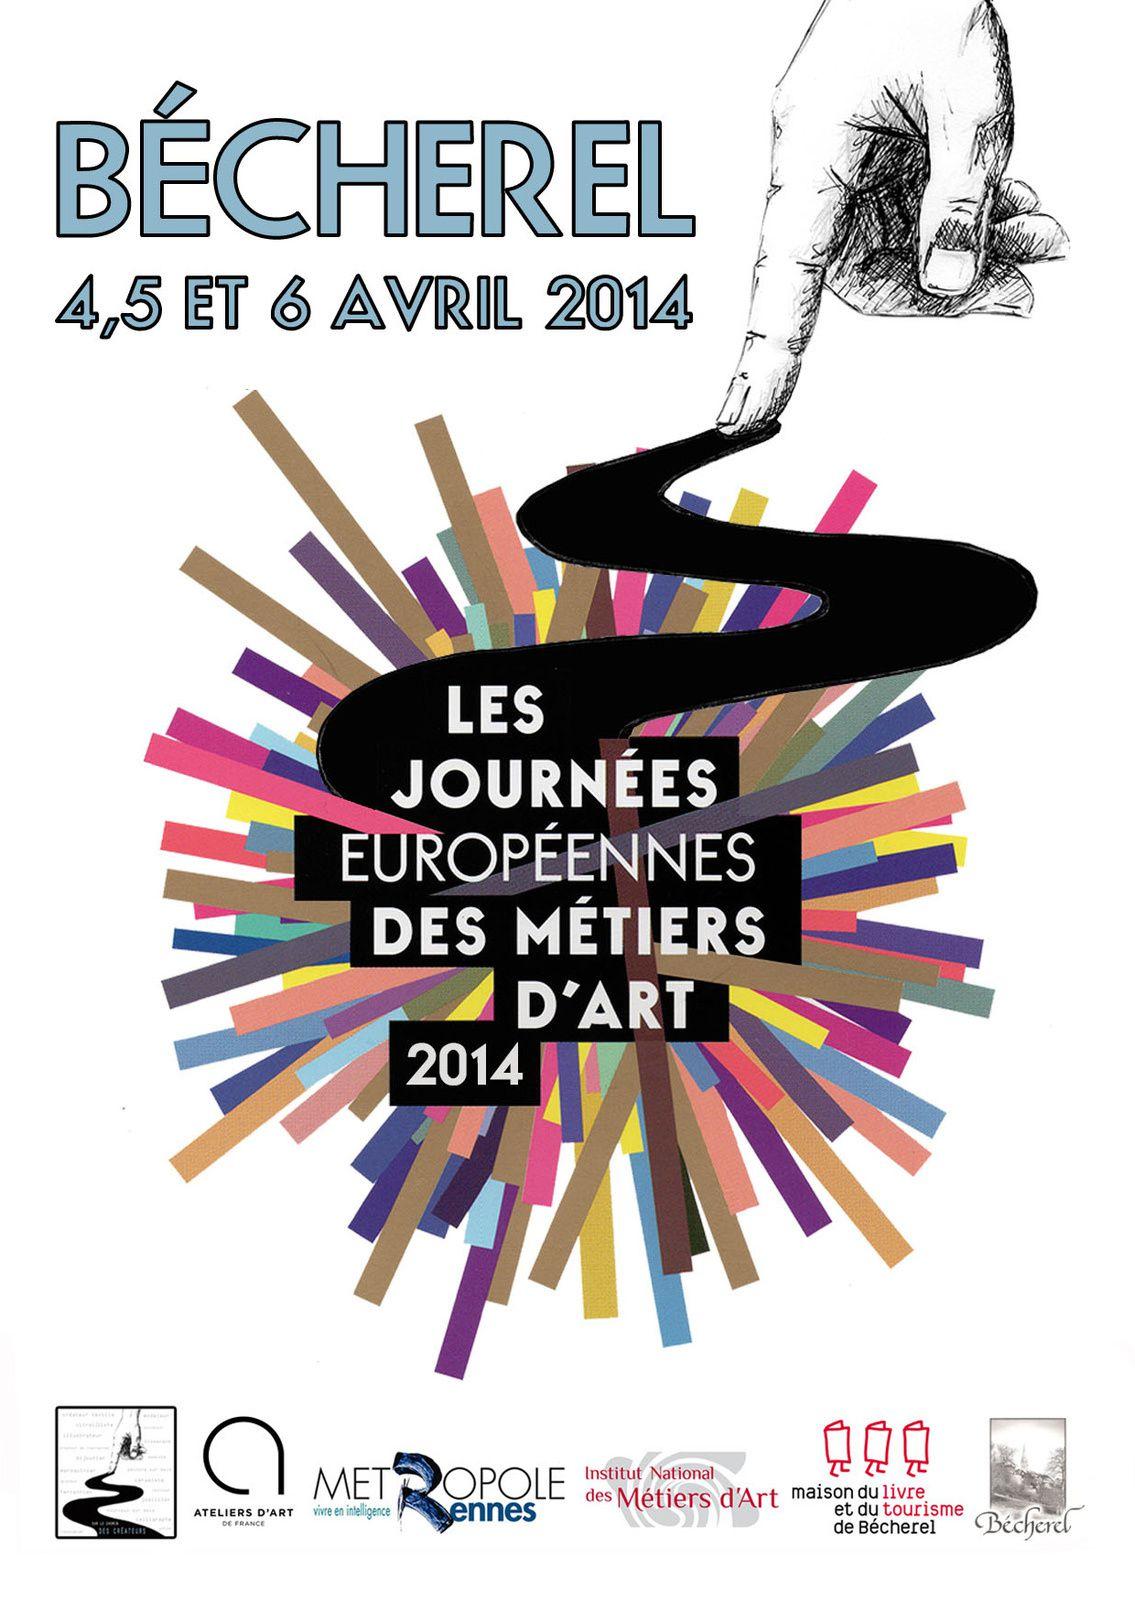 La création d'Art à Bécherel, les 4, 5 et 6 avril 2014